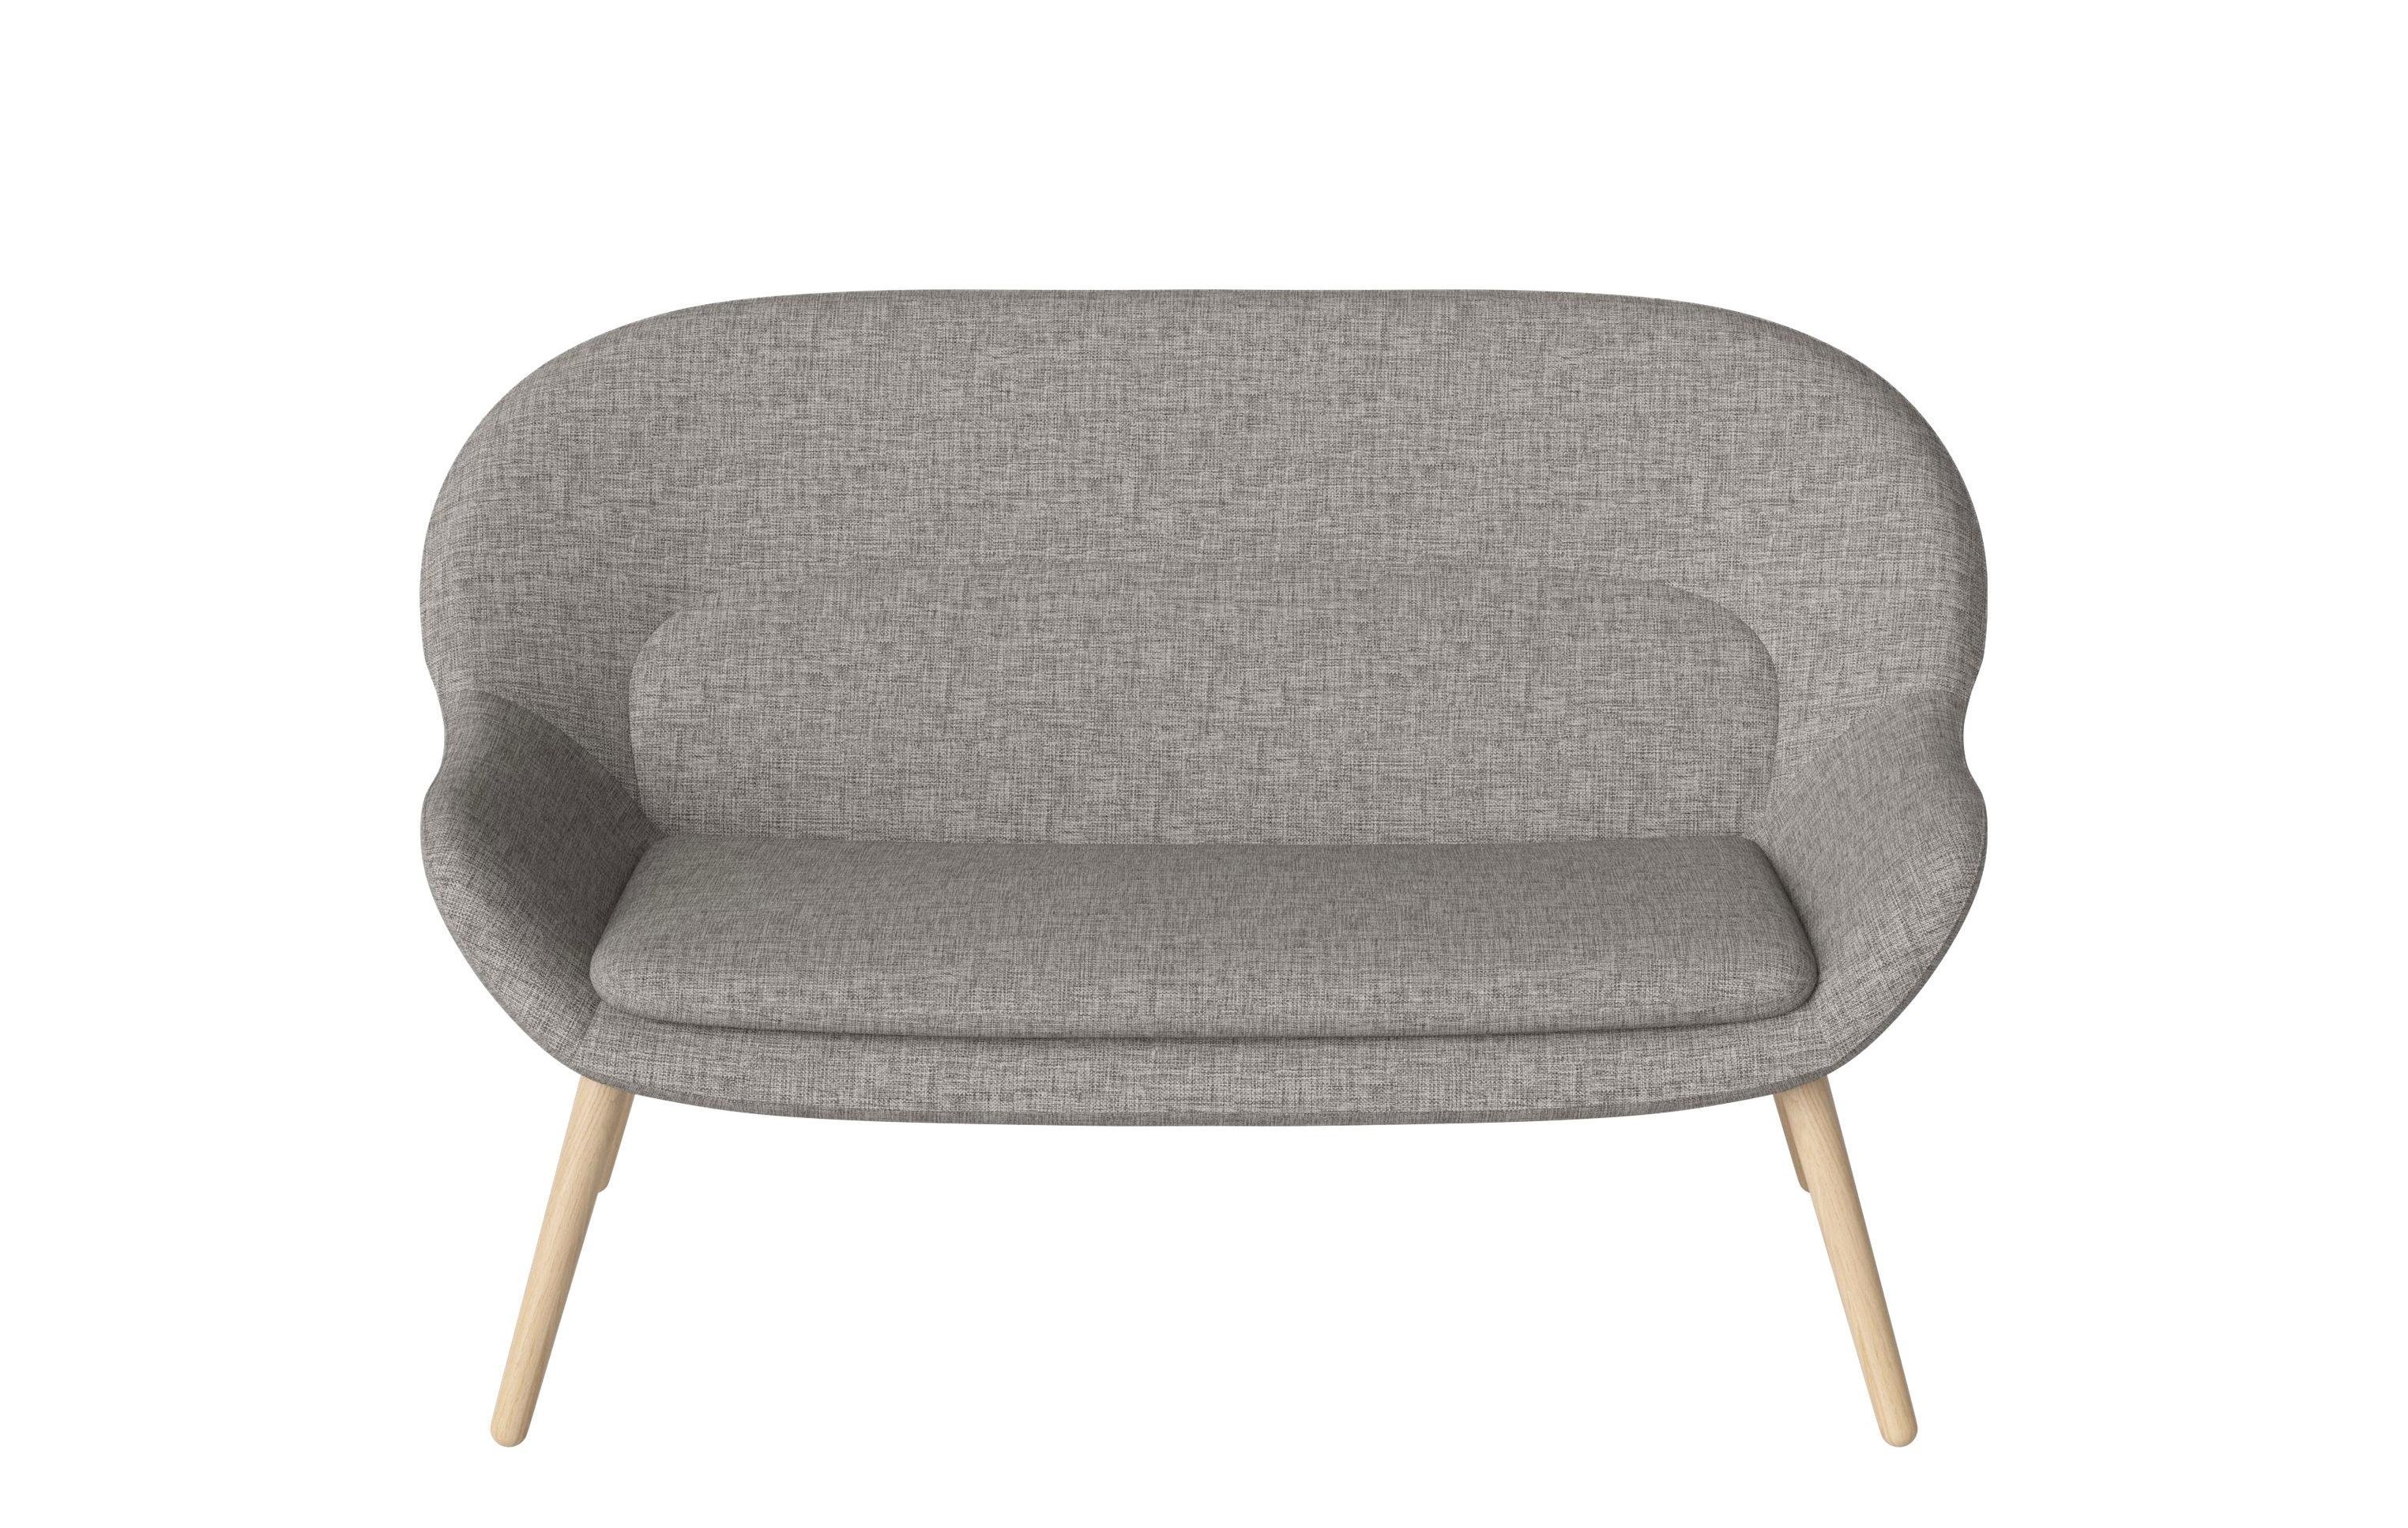 Mobili e armadi divano prezzo confronta prezzi di mobili e